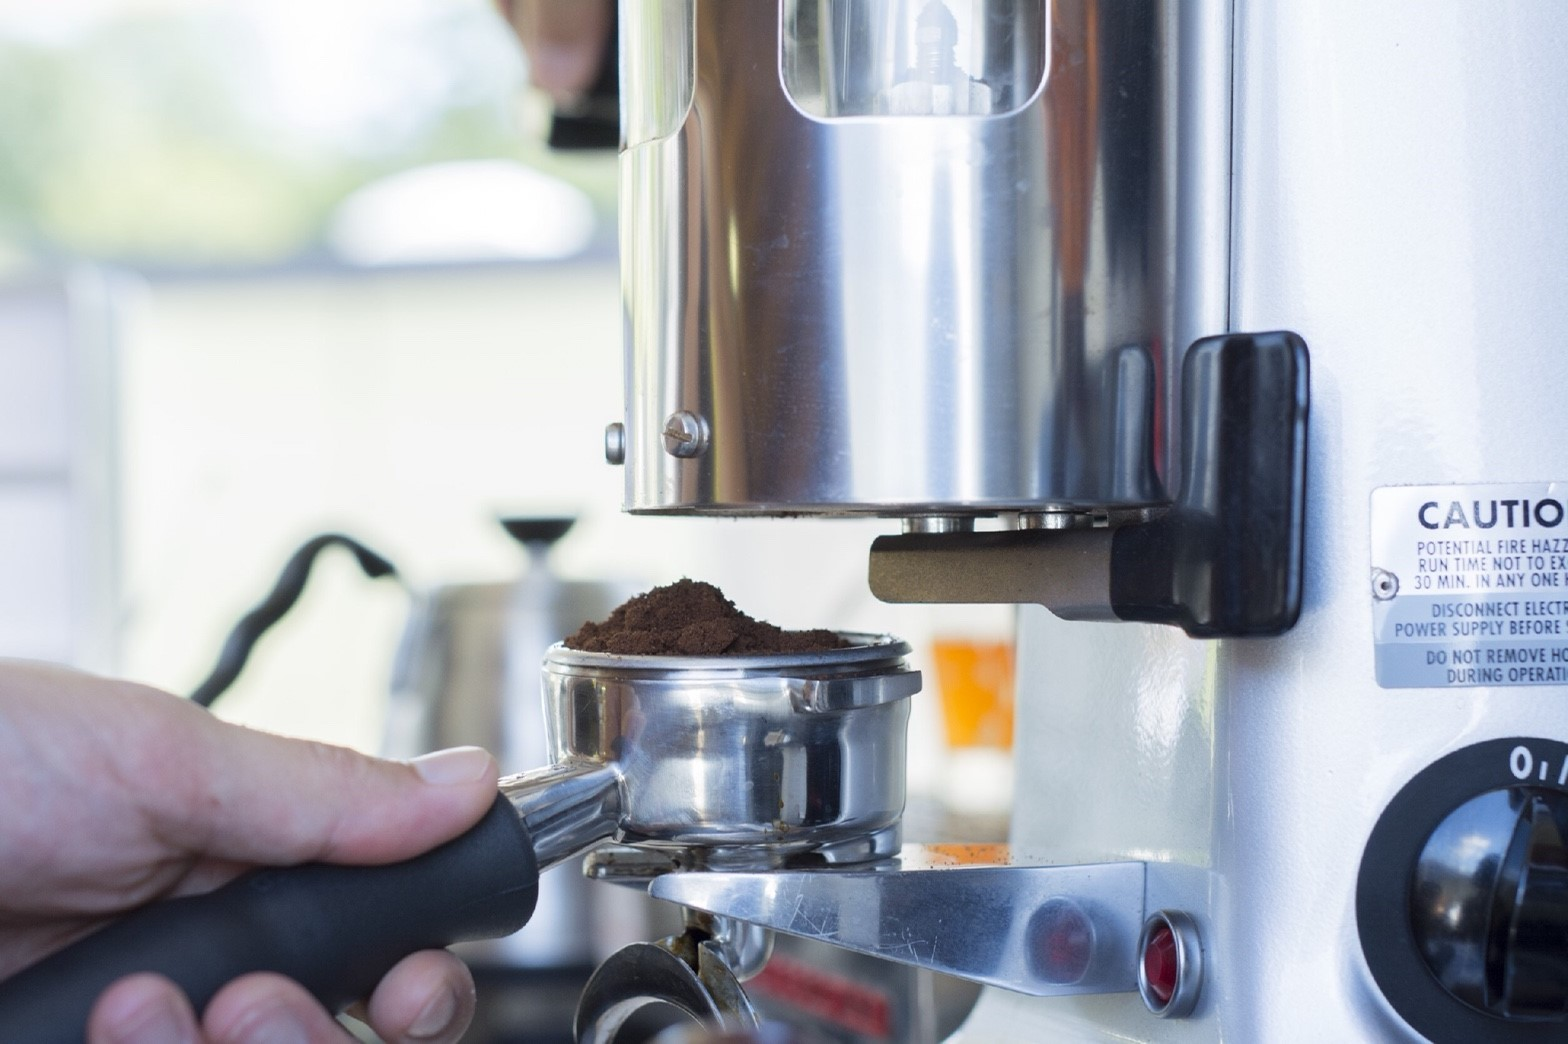 コーヒーの面白さと楽しさを伝えながら、つながりを作っていきます。